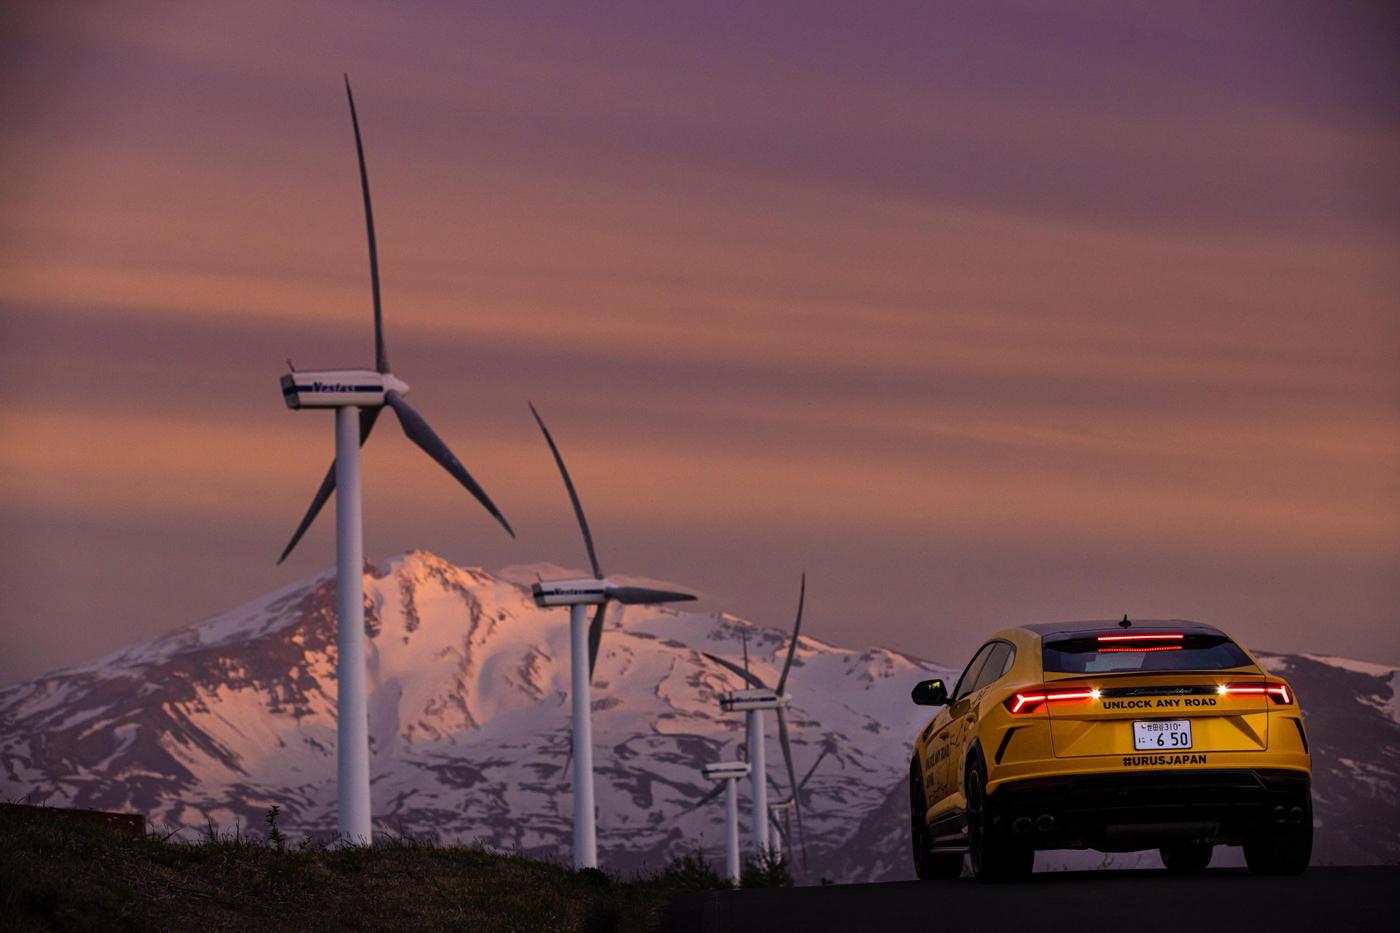 Bộ-đôi-Lamborghini-Urus-vượt-hơn-6.500-km-trong-hành-trình-xuyên-Nhật-Bản (18).jpg